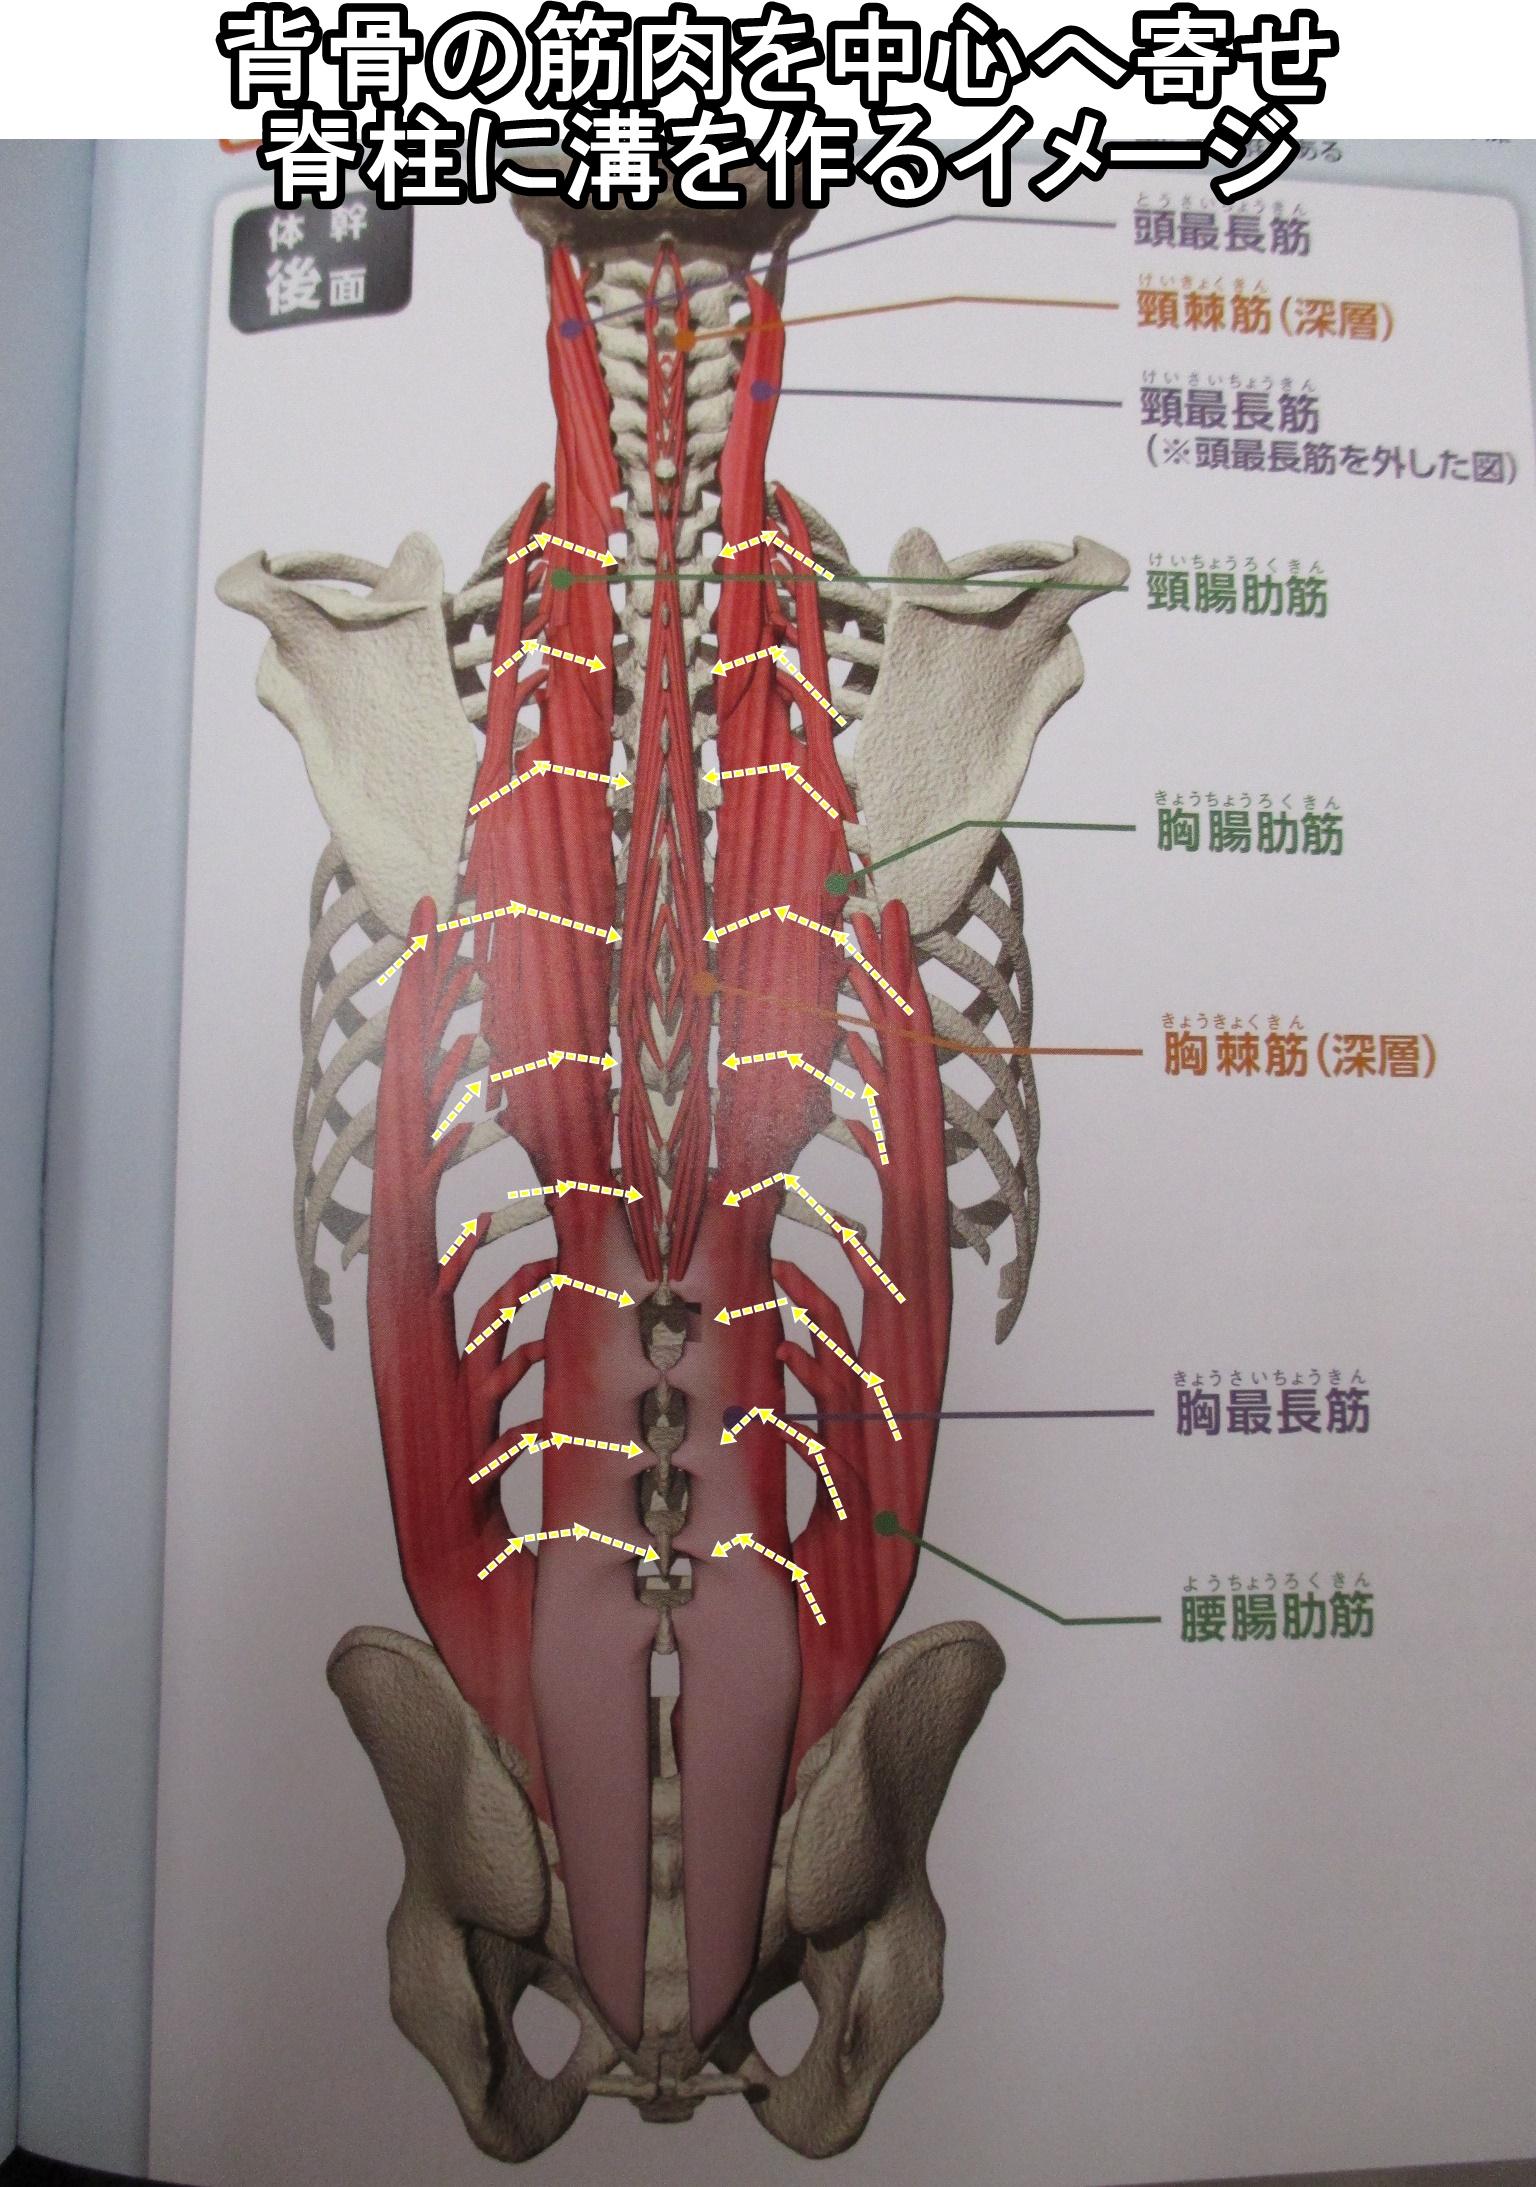 背骨の筋肉を中心へ寄せ脊柱に溝を作るイメージ